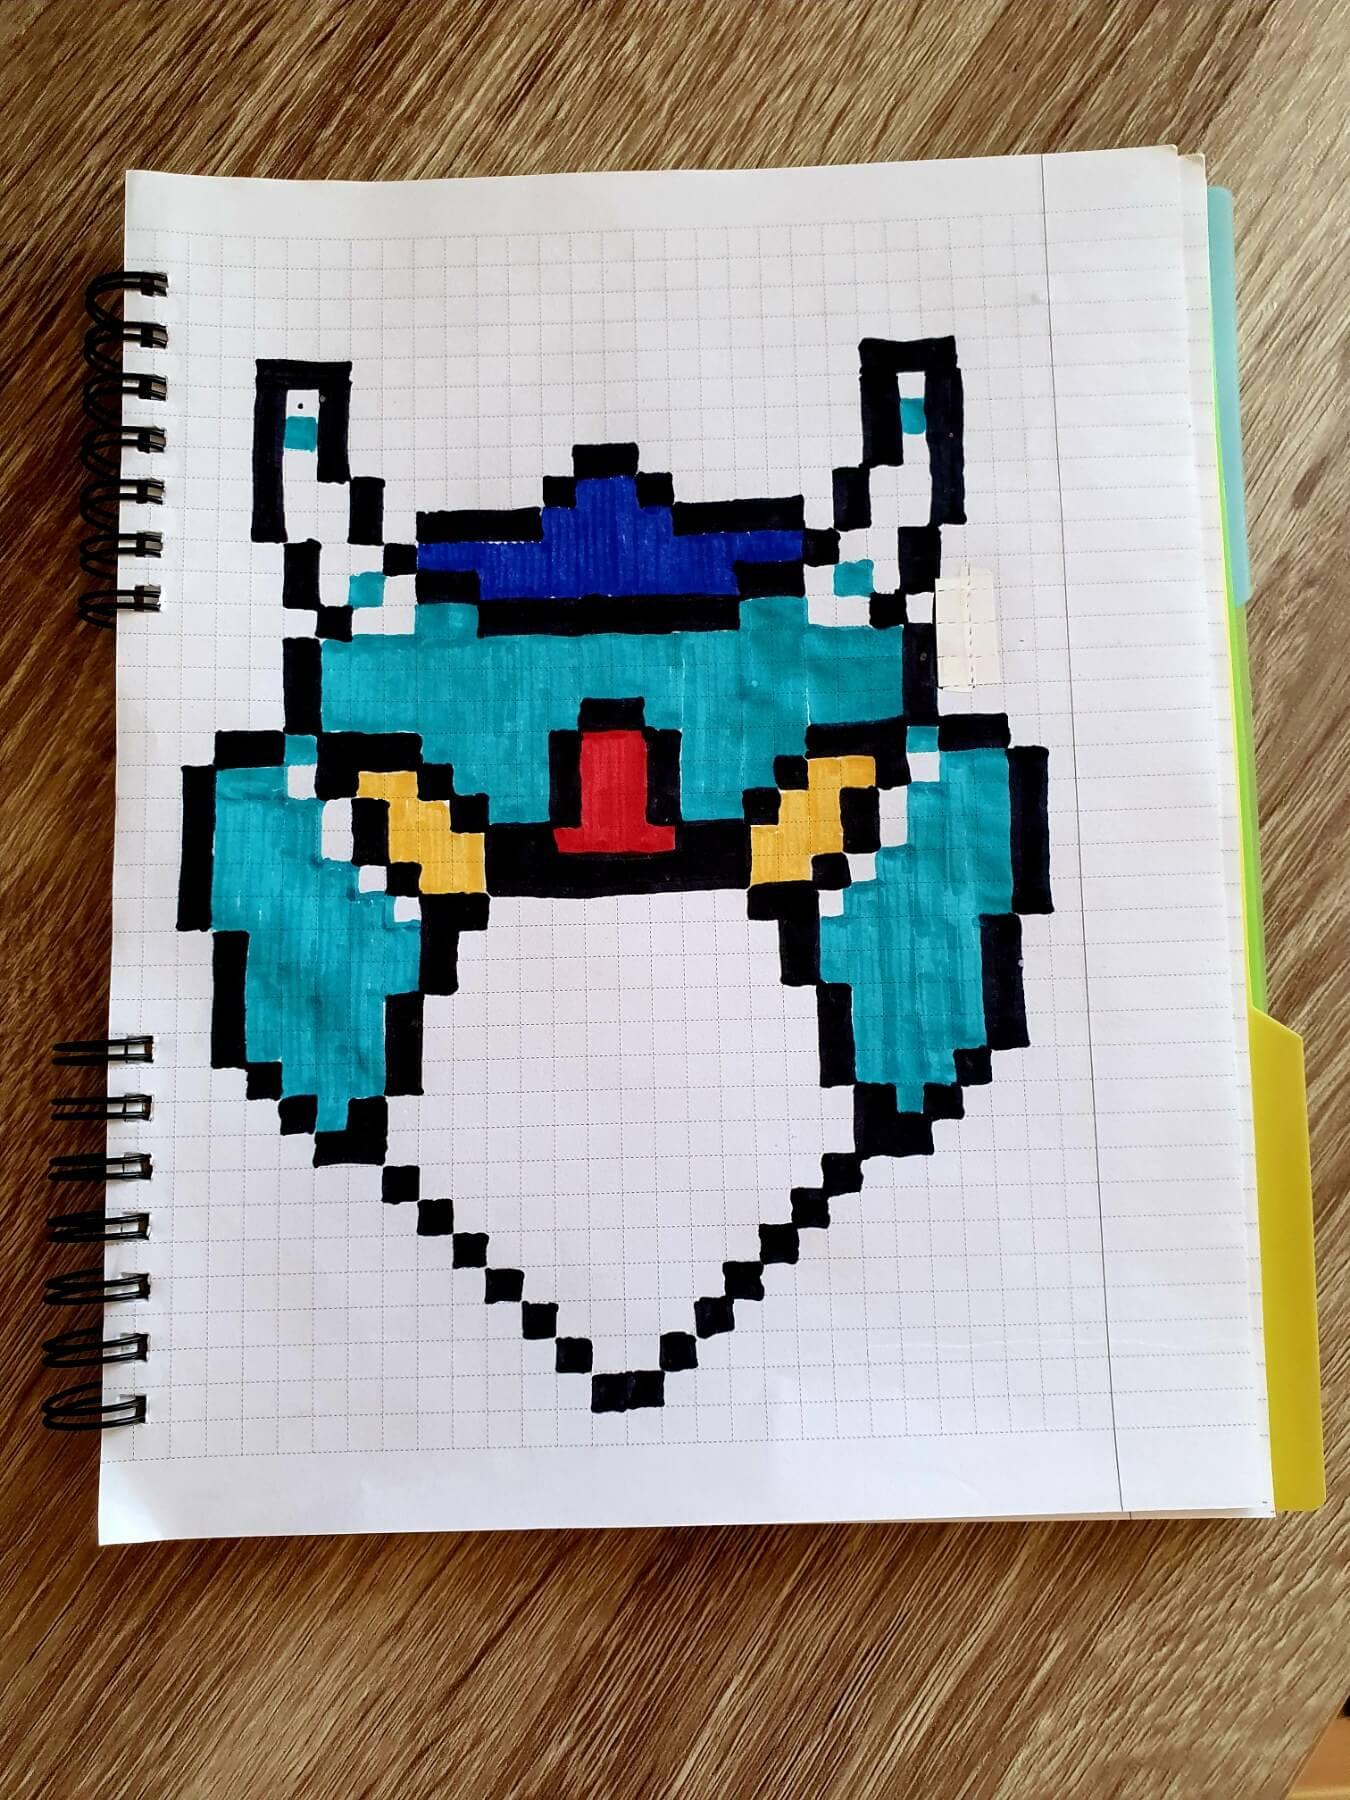 ворон меха, brawl stars, drawings on cells, drawings by cells, pixel art, pixel drawings